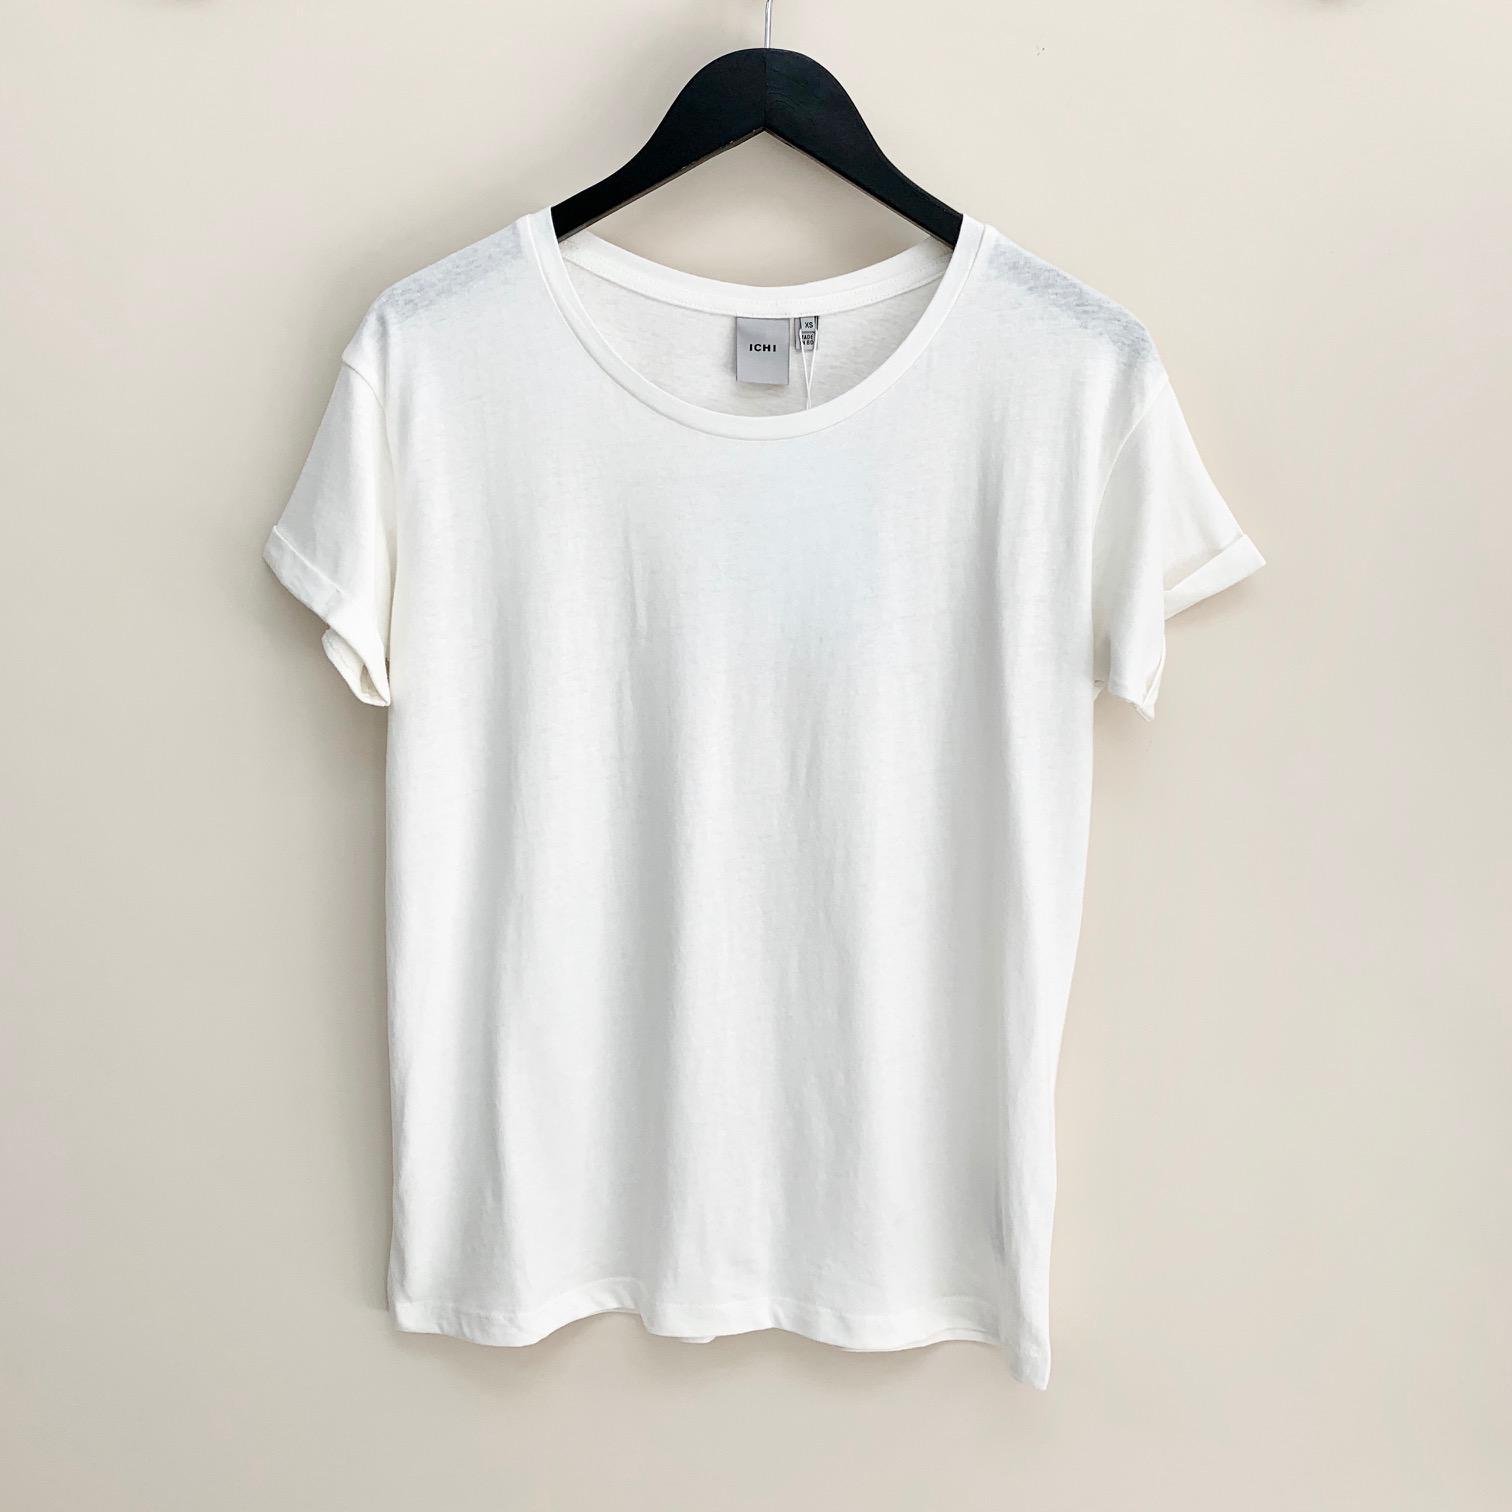 Sitta White Cotton/Linen T-shirt